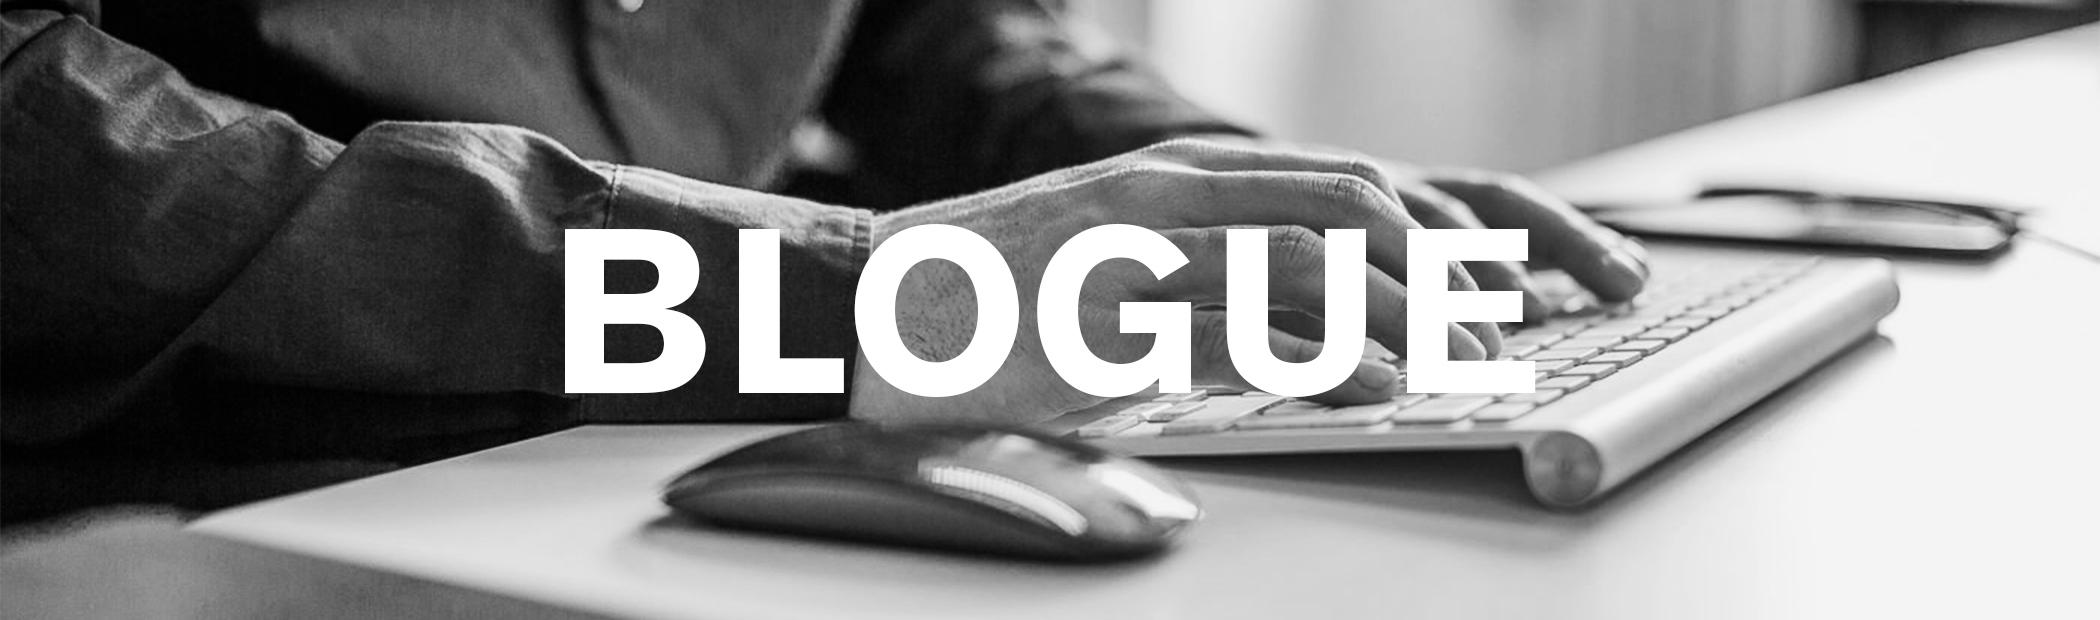 bannière blogue